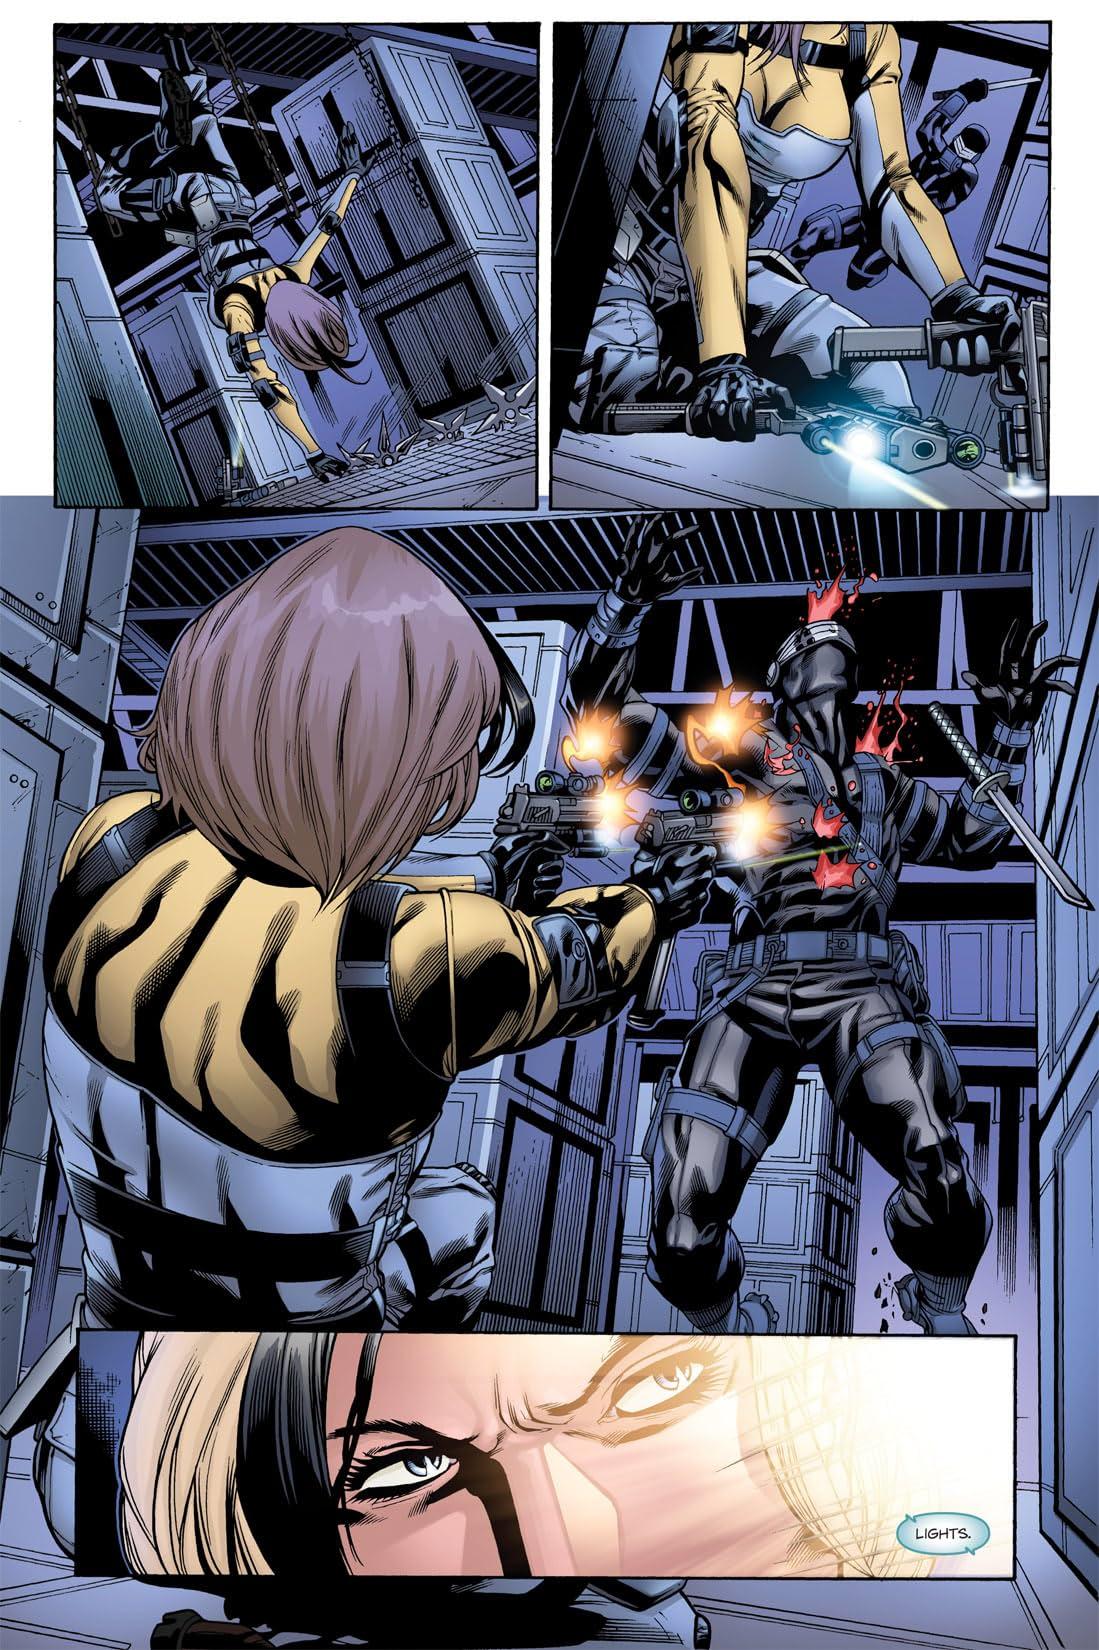 G.I. Joe #23